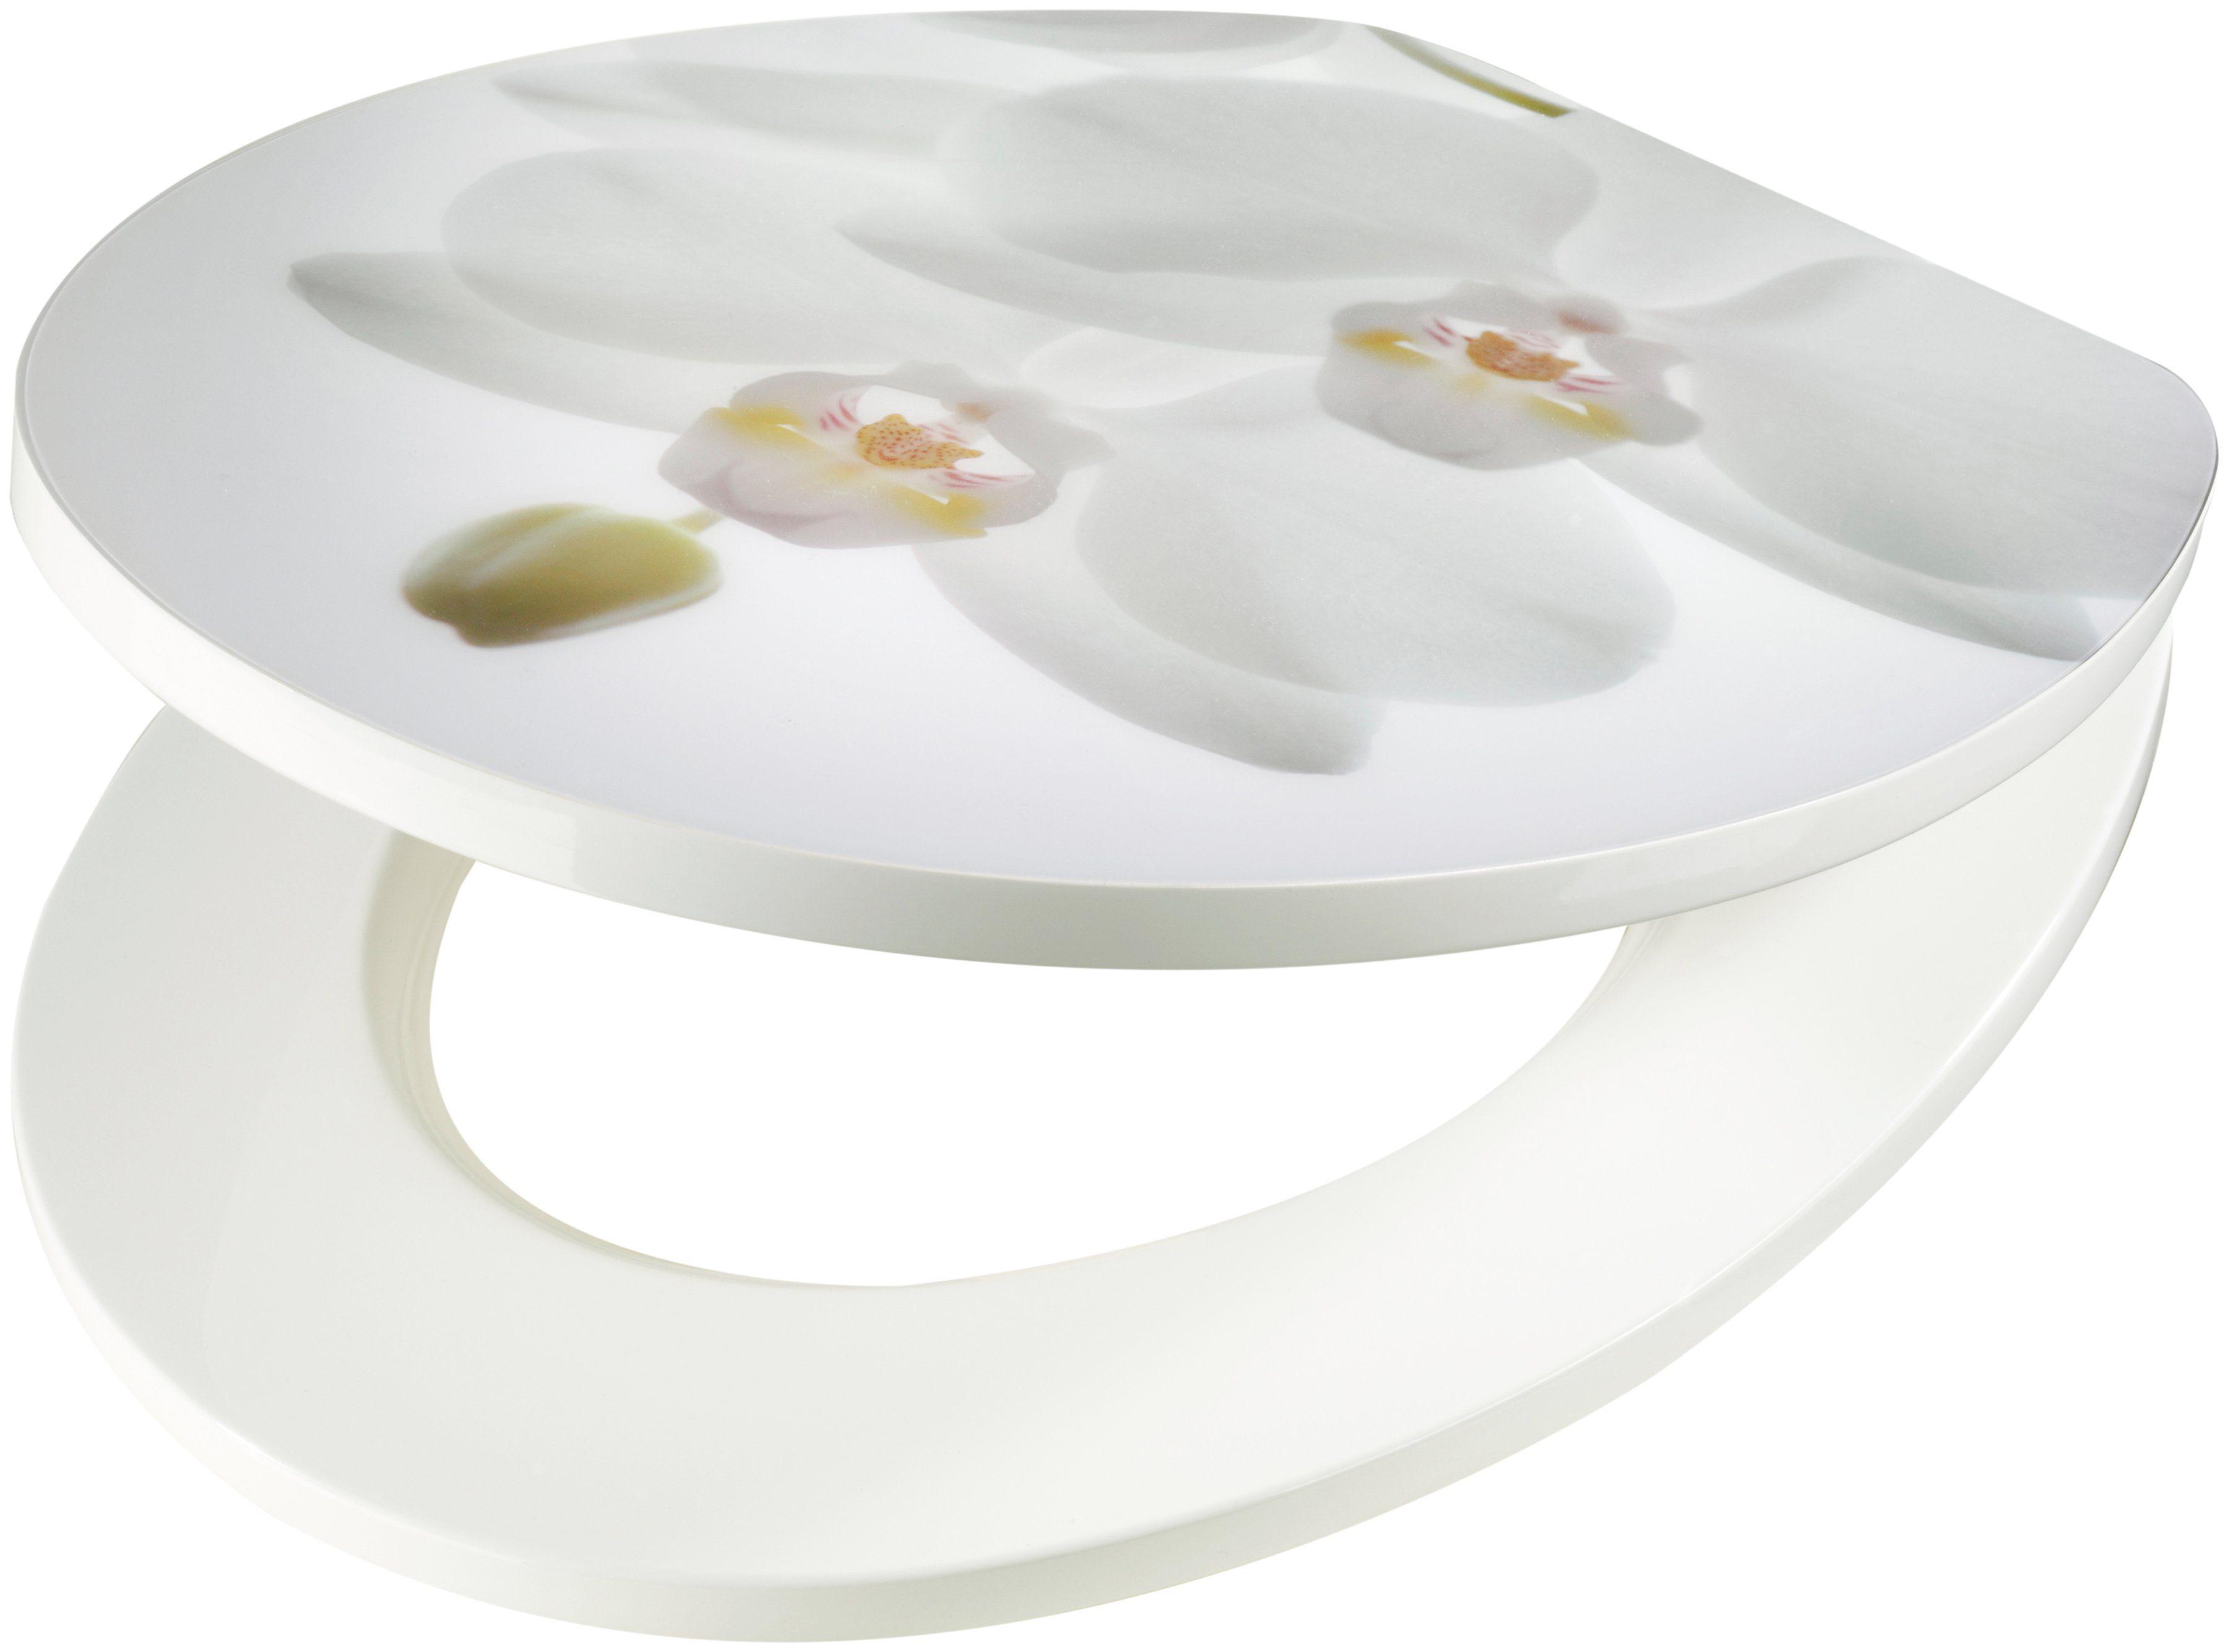 WC-Sitz »Orchidee weiß«, MDF Toilettensitz mit Absenkautomatik